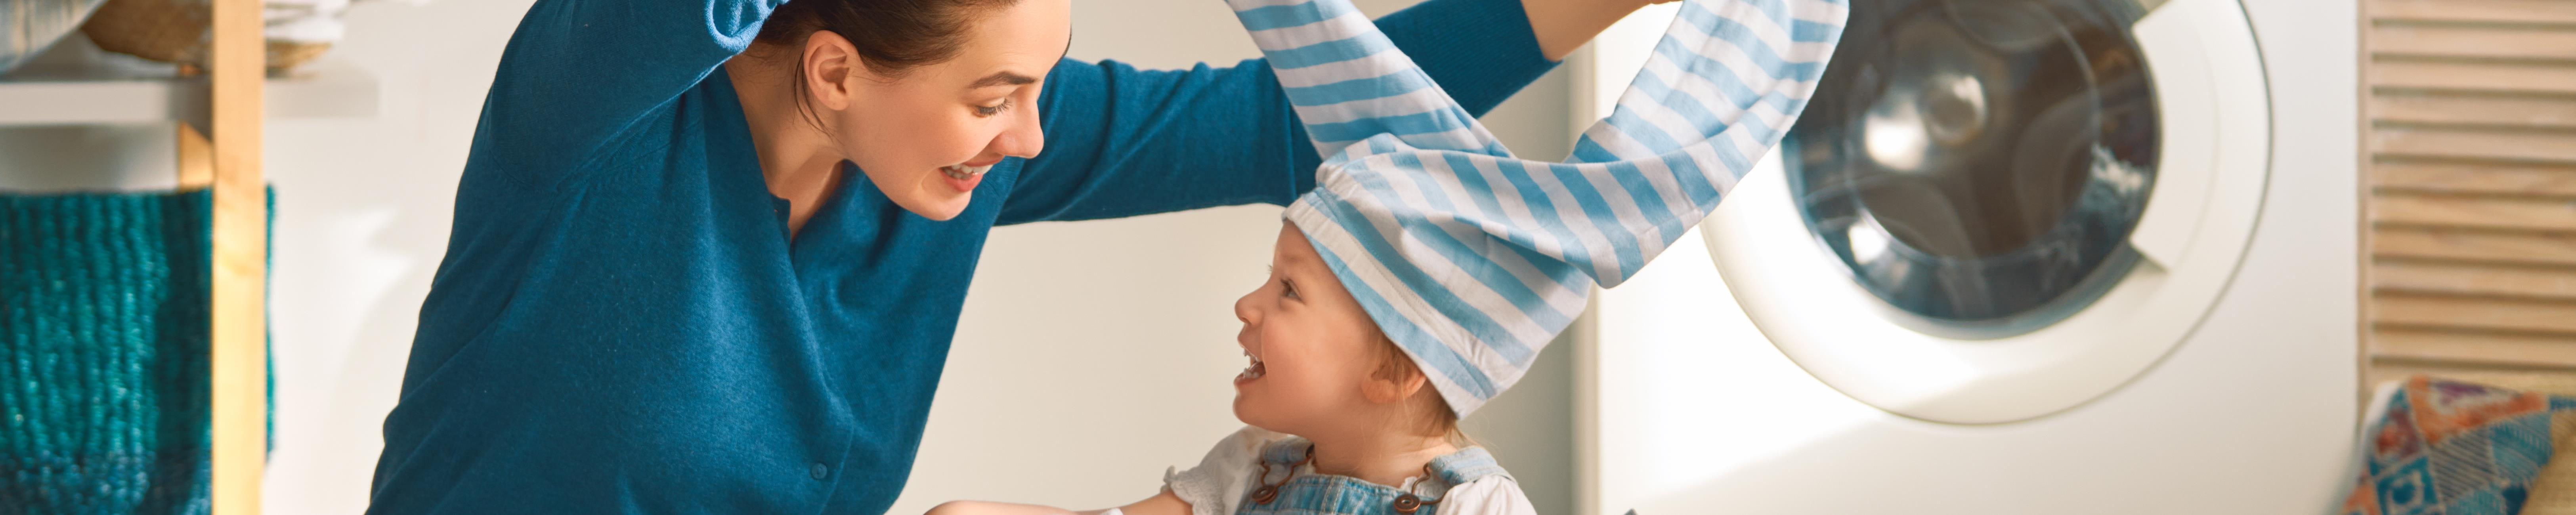 Mutter spielt mit ihrem Kind